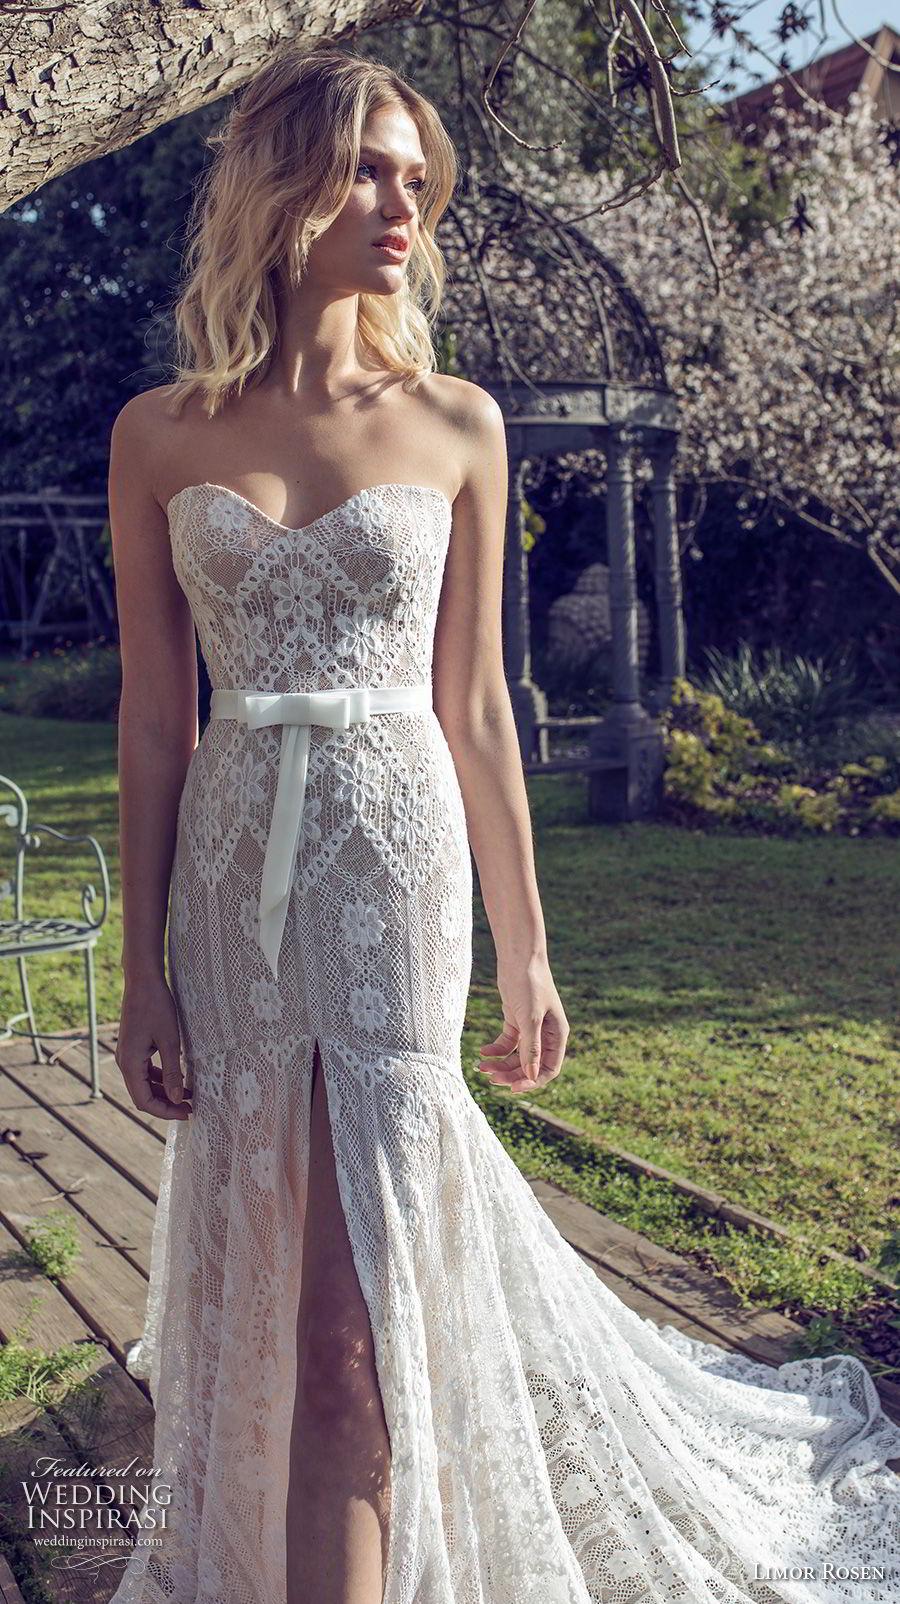 limor rosen 2019 xo bridal strapless sweetheart neckline full embellishment slit skirt romantic trumpet wedding dress chapel train (13) mv